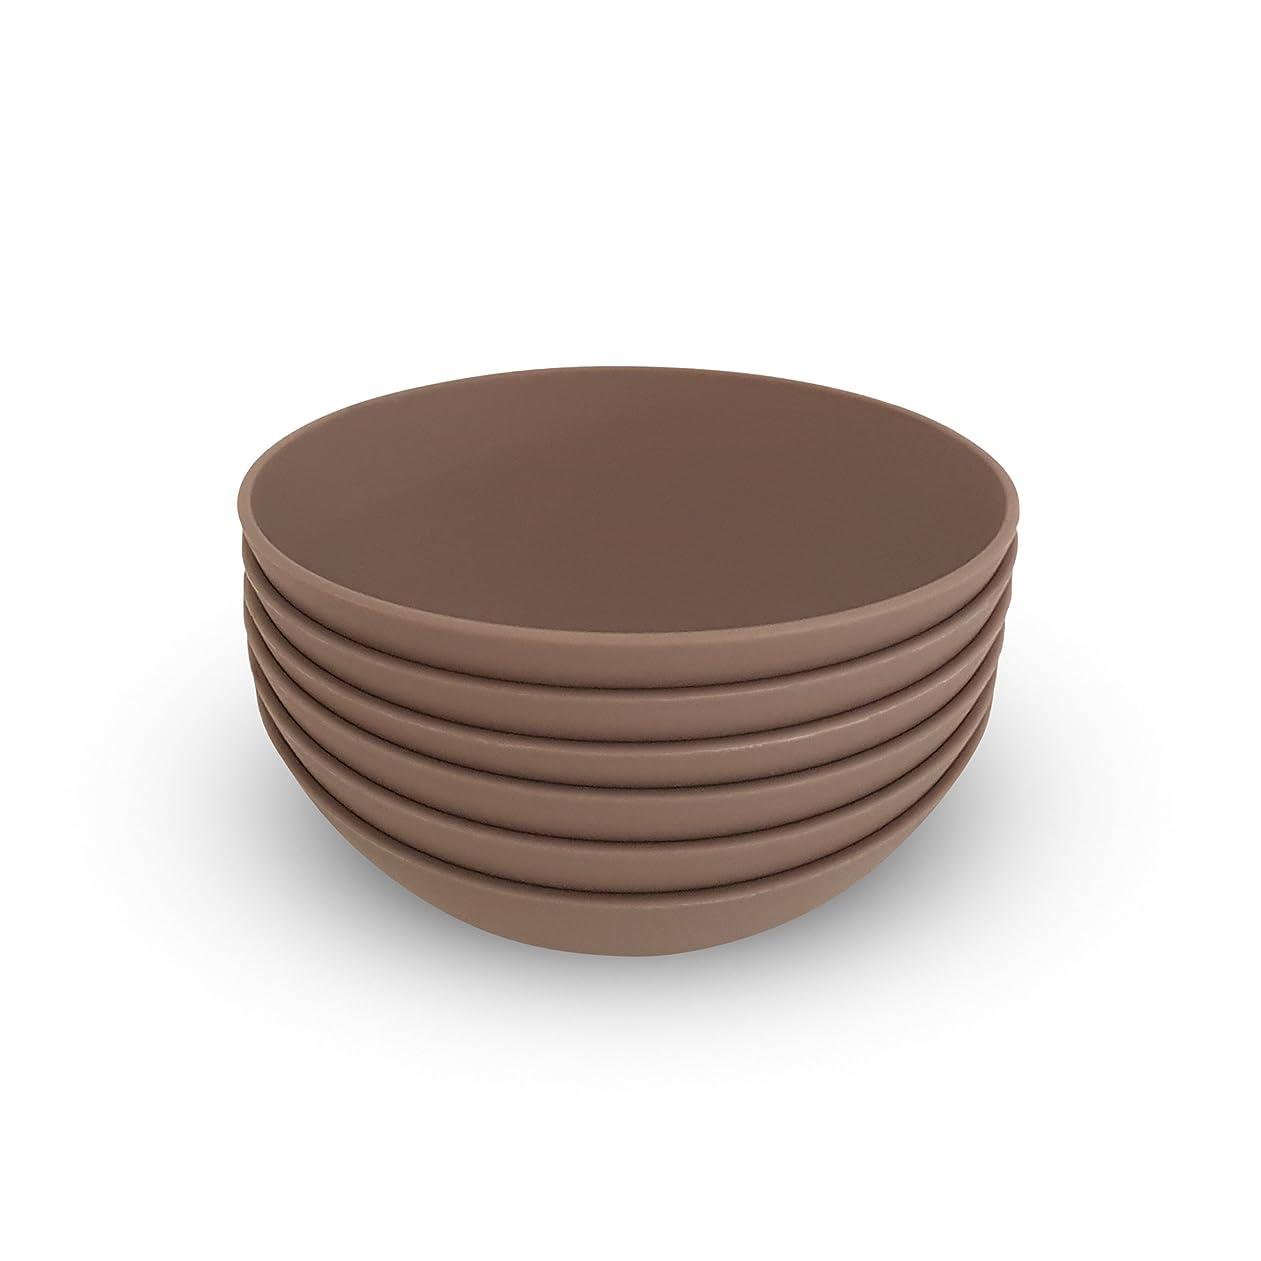 説明するよろしくアレキサンダーグラハムベルCOZA design- Cozy Large Bowl set- 17?oz Set of 6 グレー